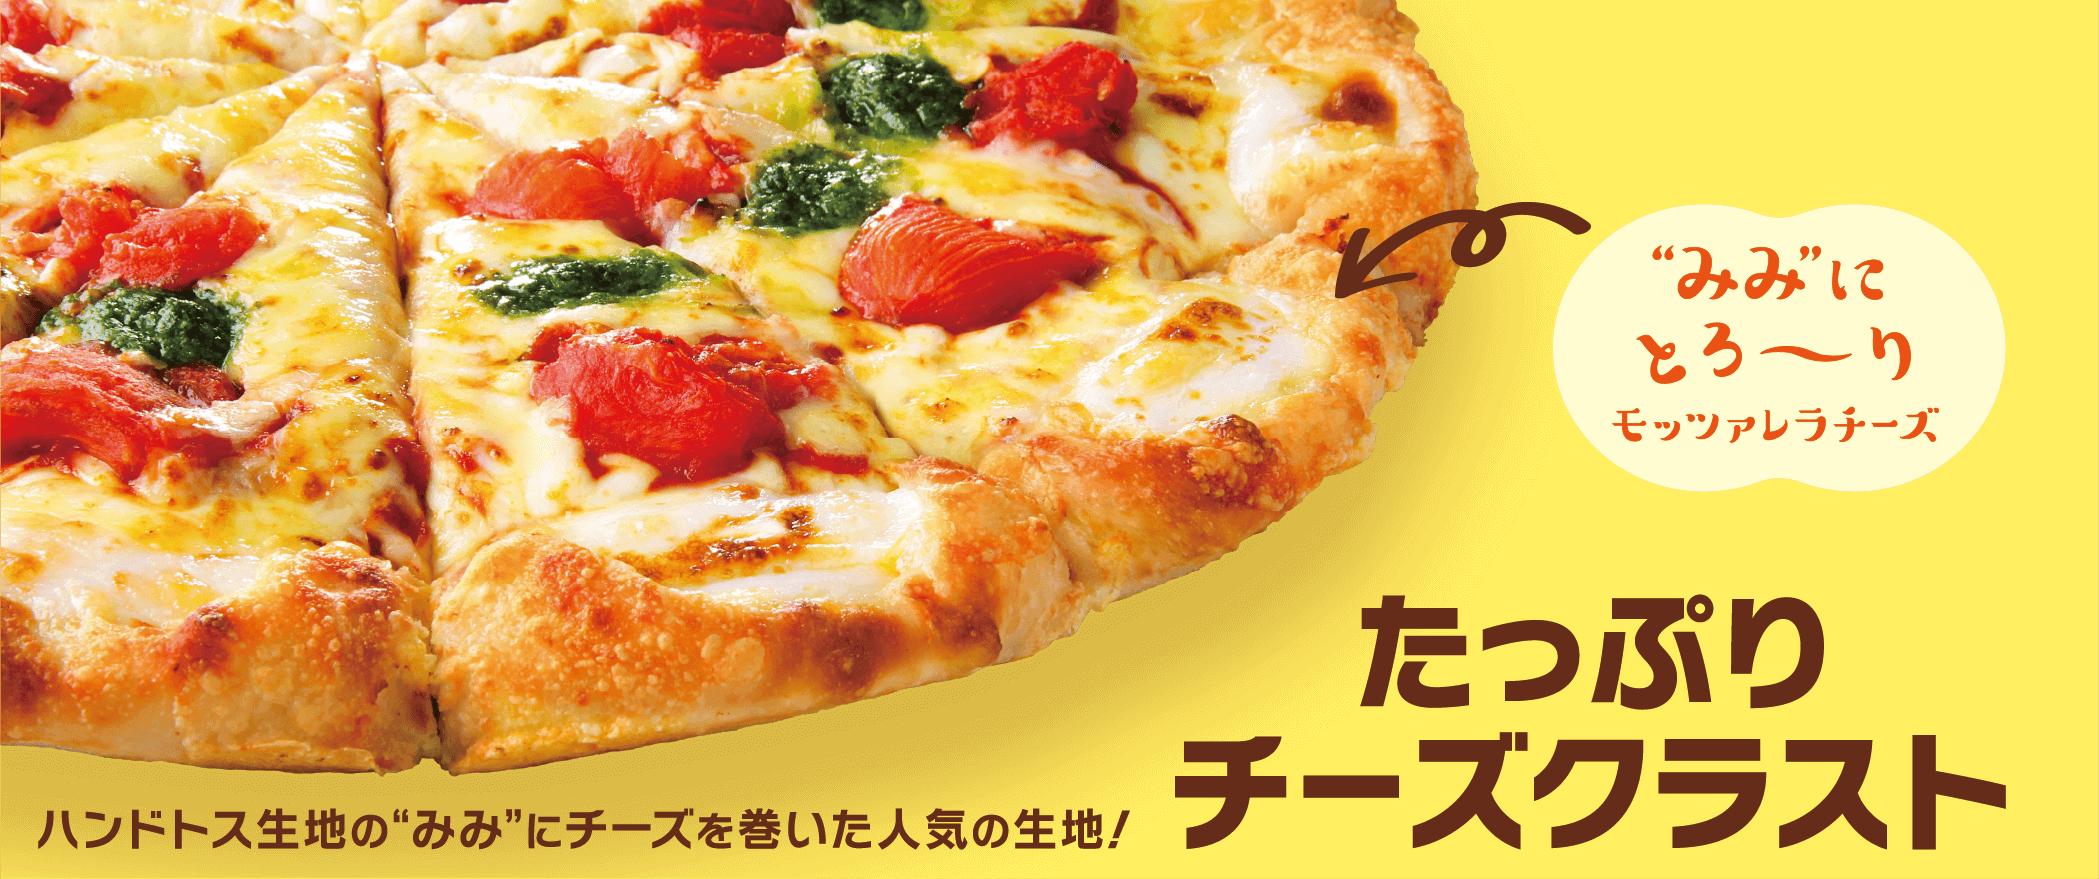 ピザハットの「たっぷりチーズクラスト」